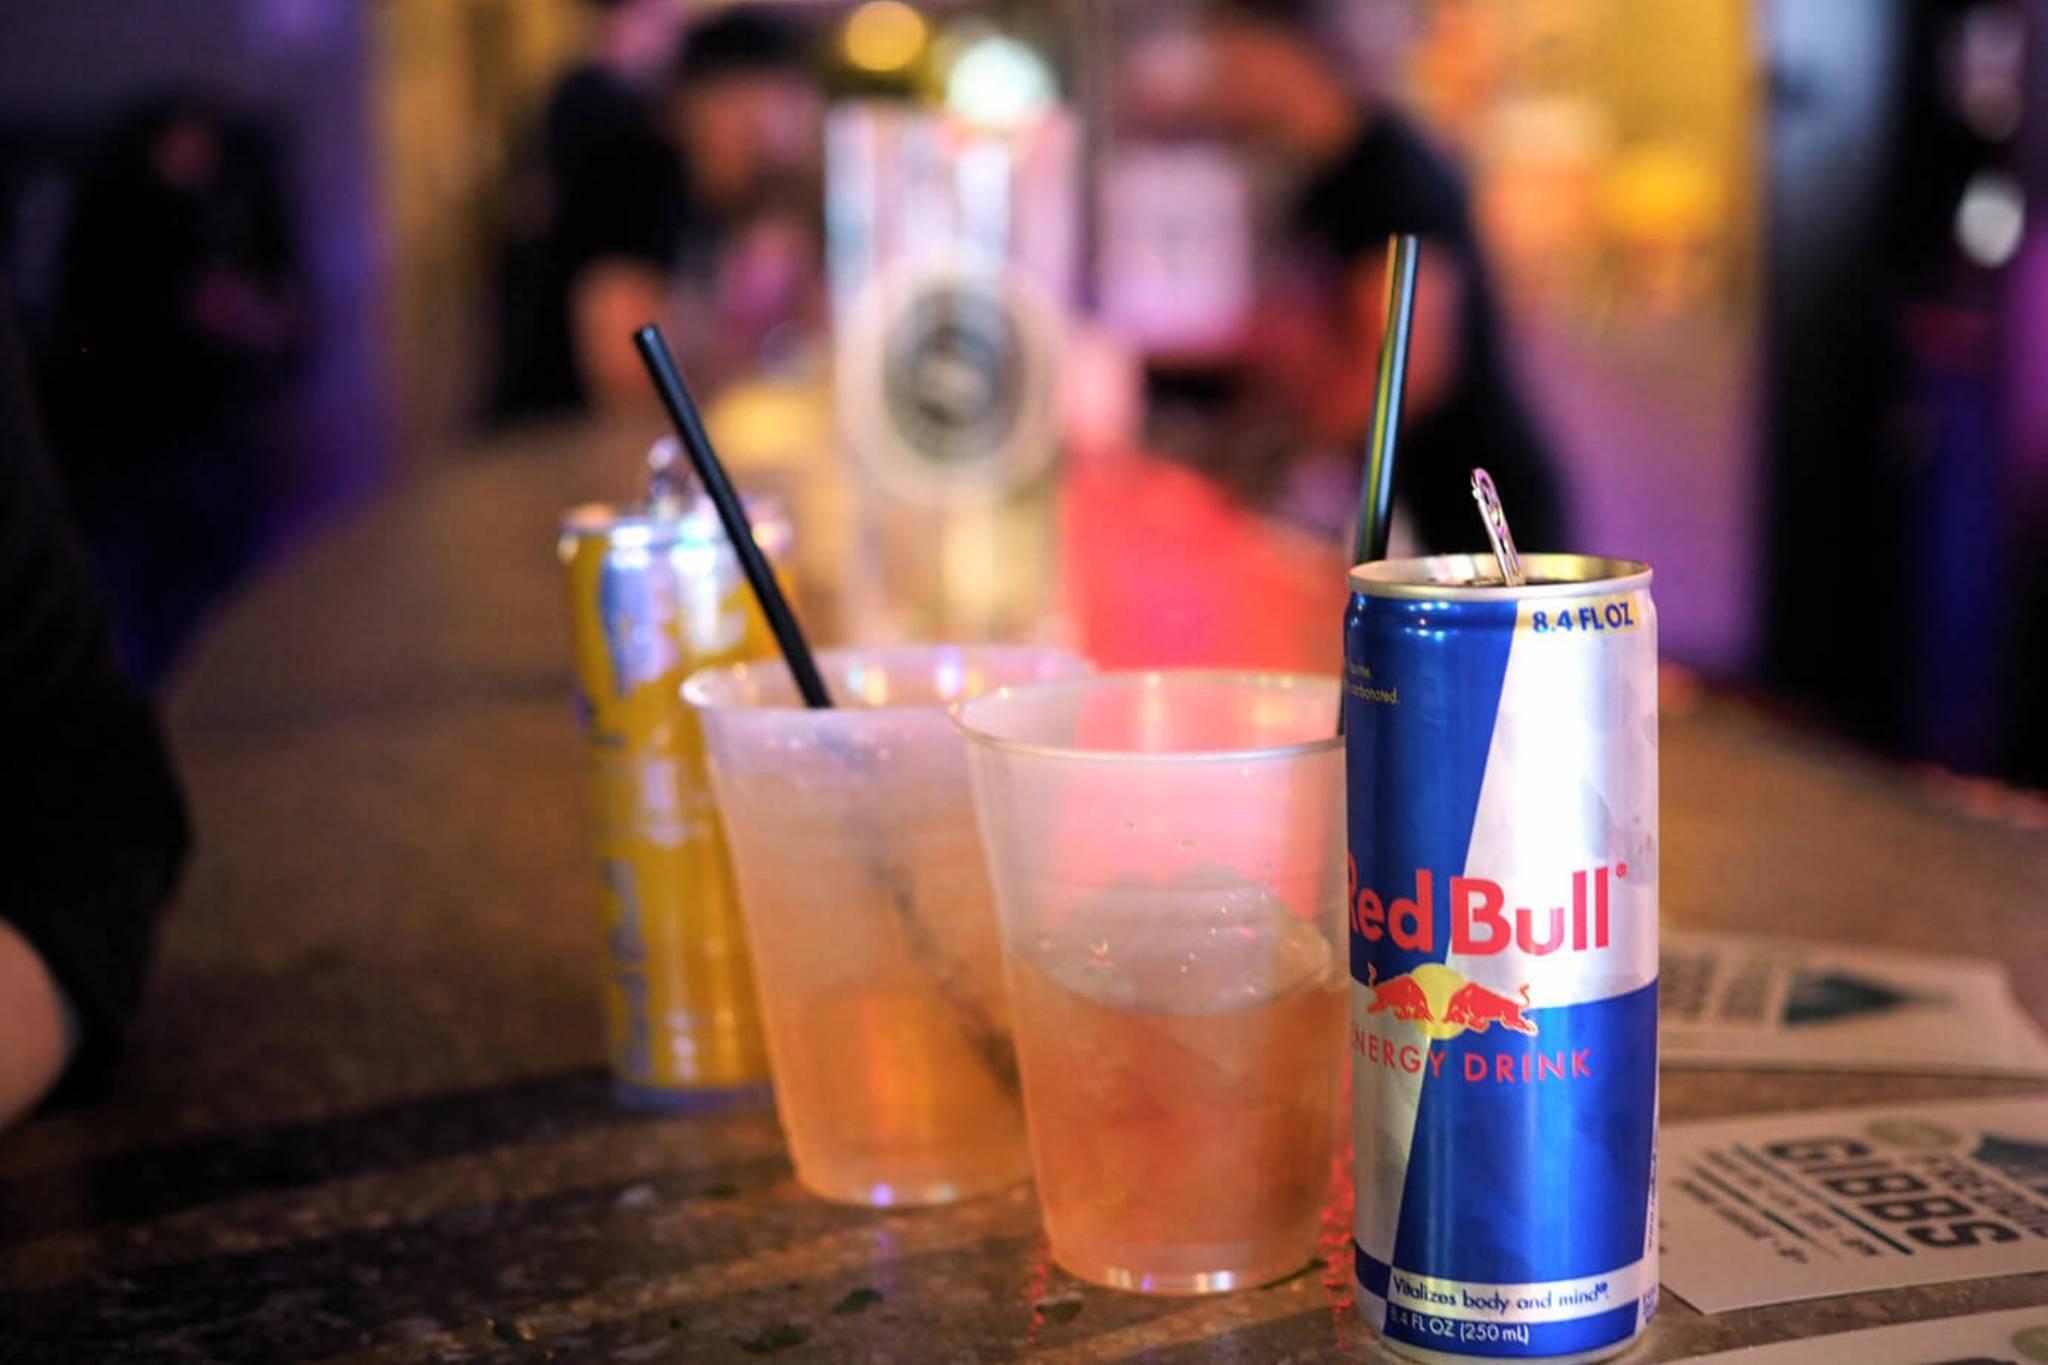 Водка с колой: как называется коктейль, пропорции, можно ли мешать алкоголь с пепси, последствия от употребления